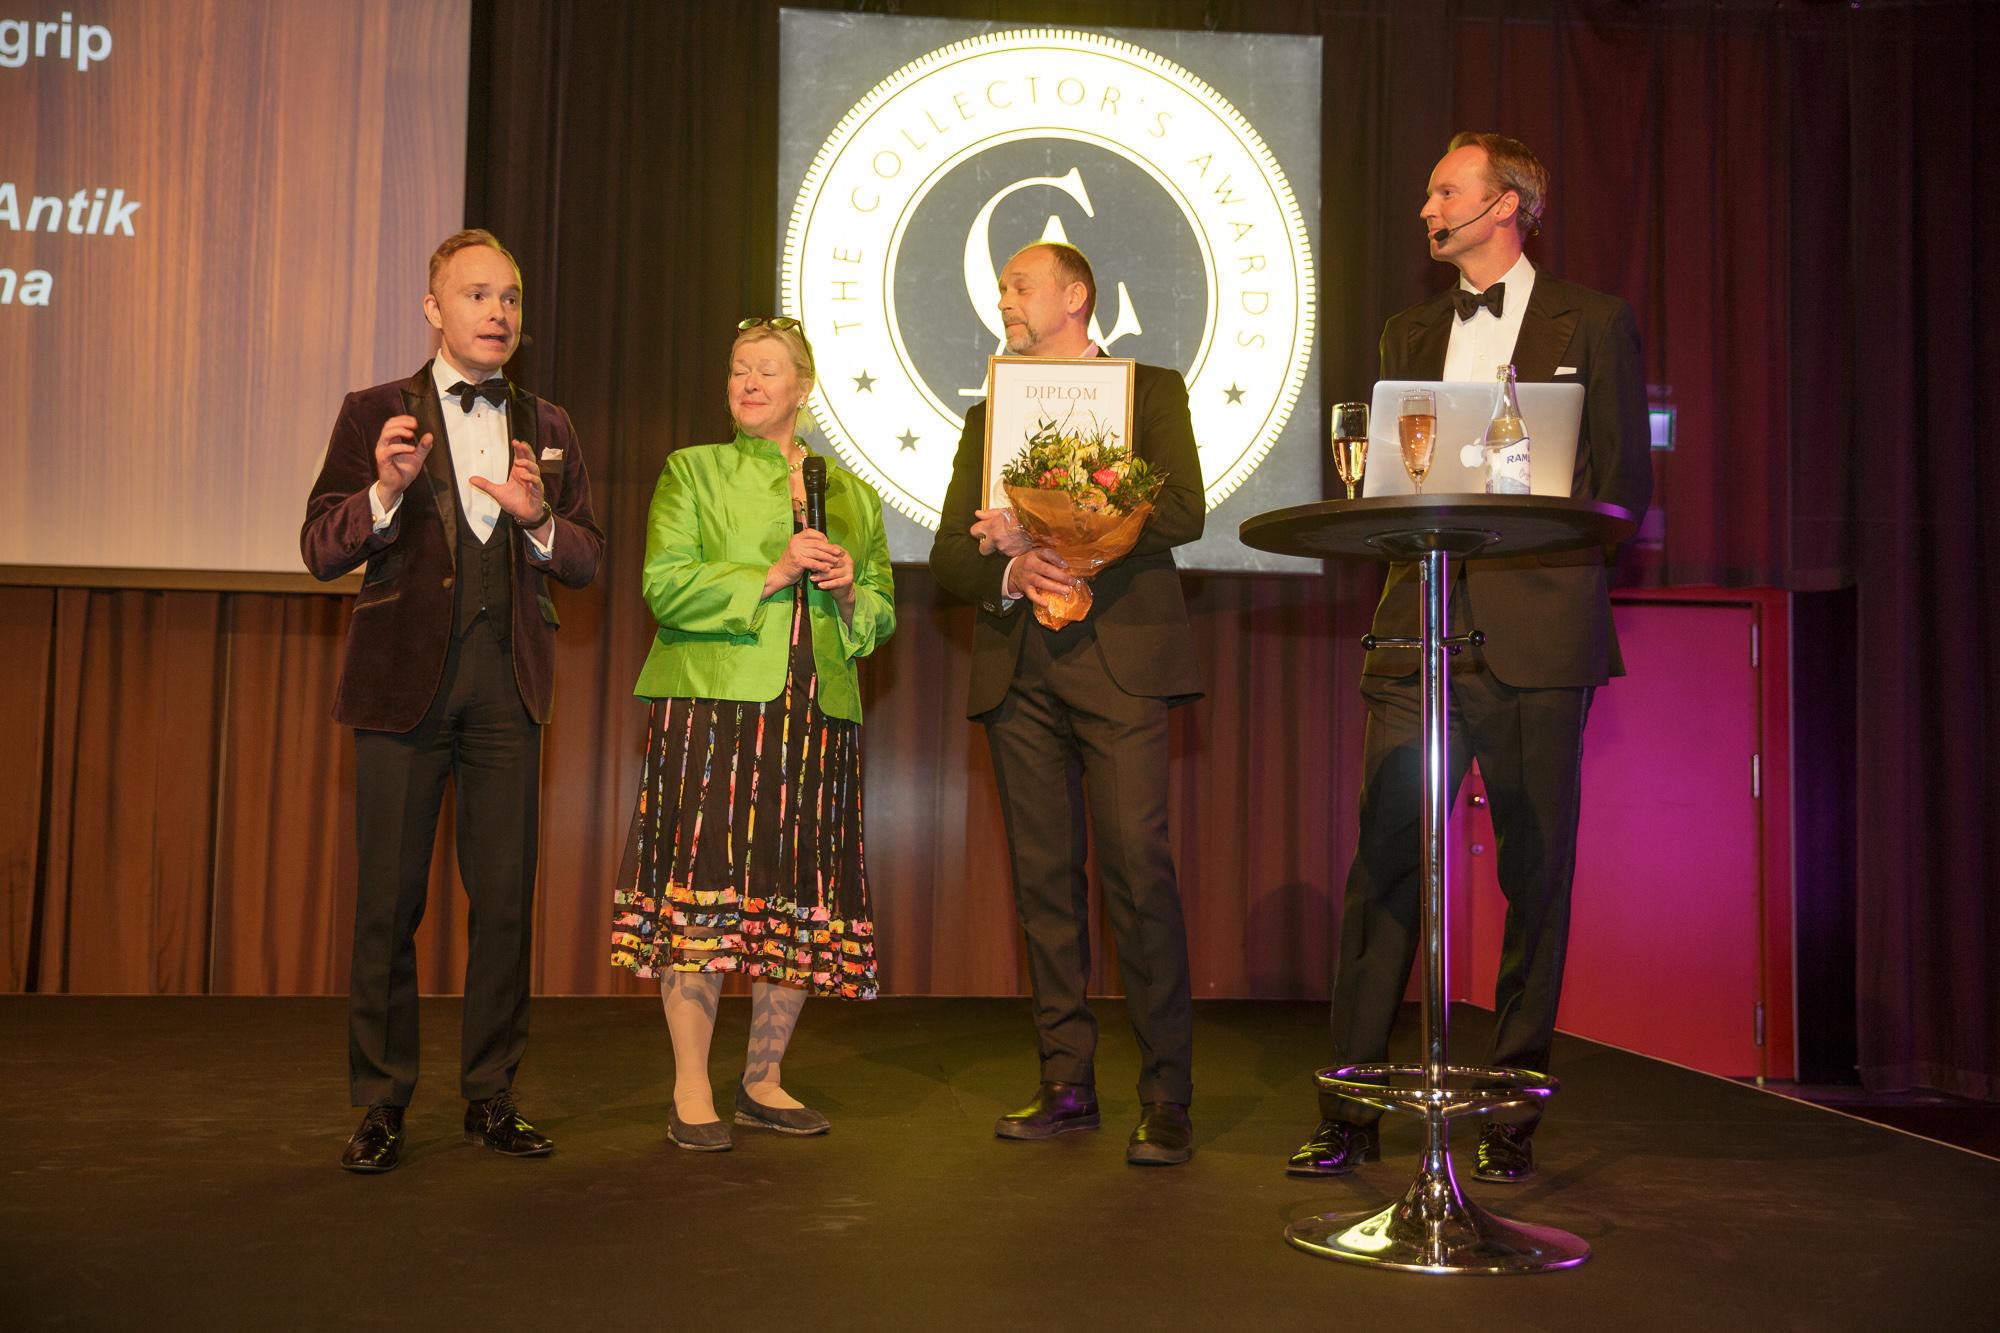 Annette Granlund representerade Hoffman Antikhandel som vann Årets Dyrgrip.